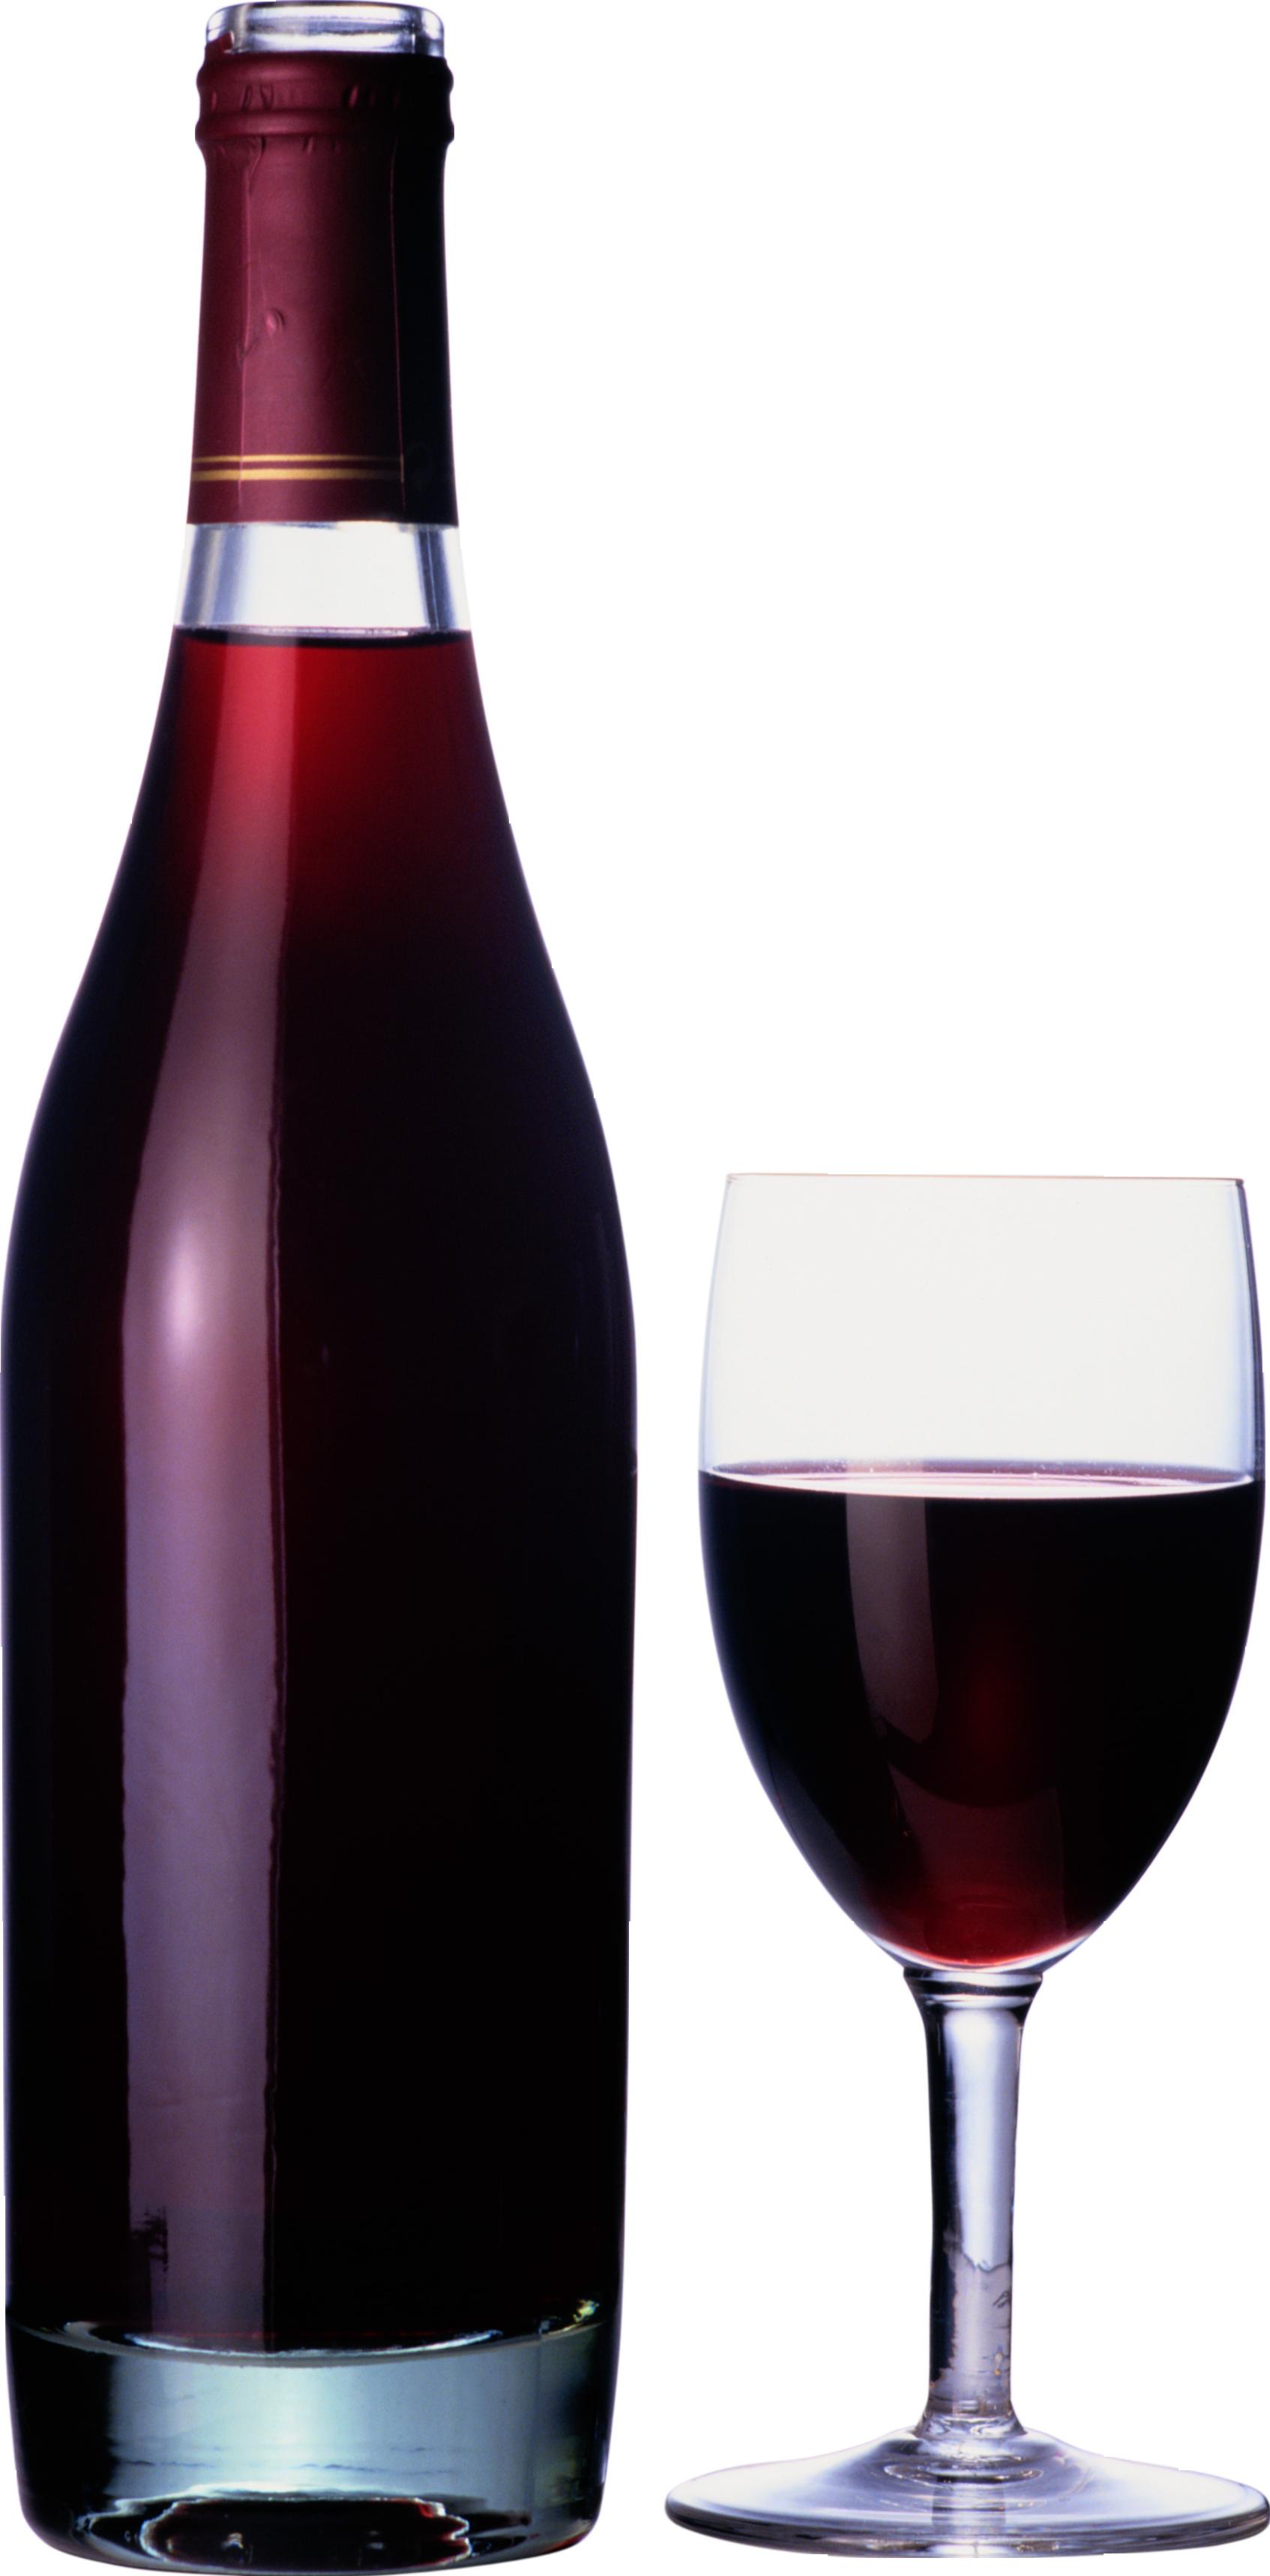 clipart wine bottle Google Search Wine bottle drawing